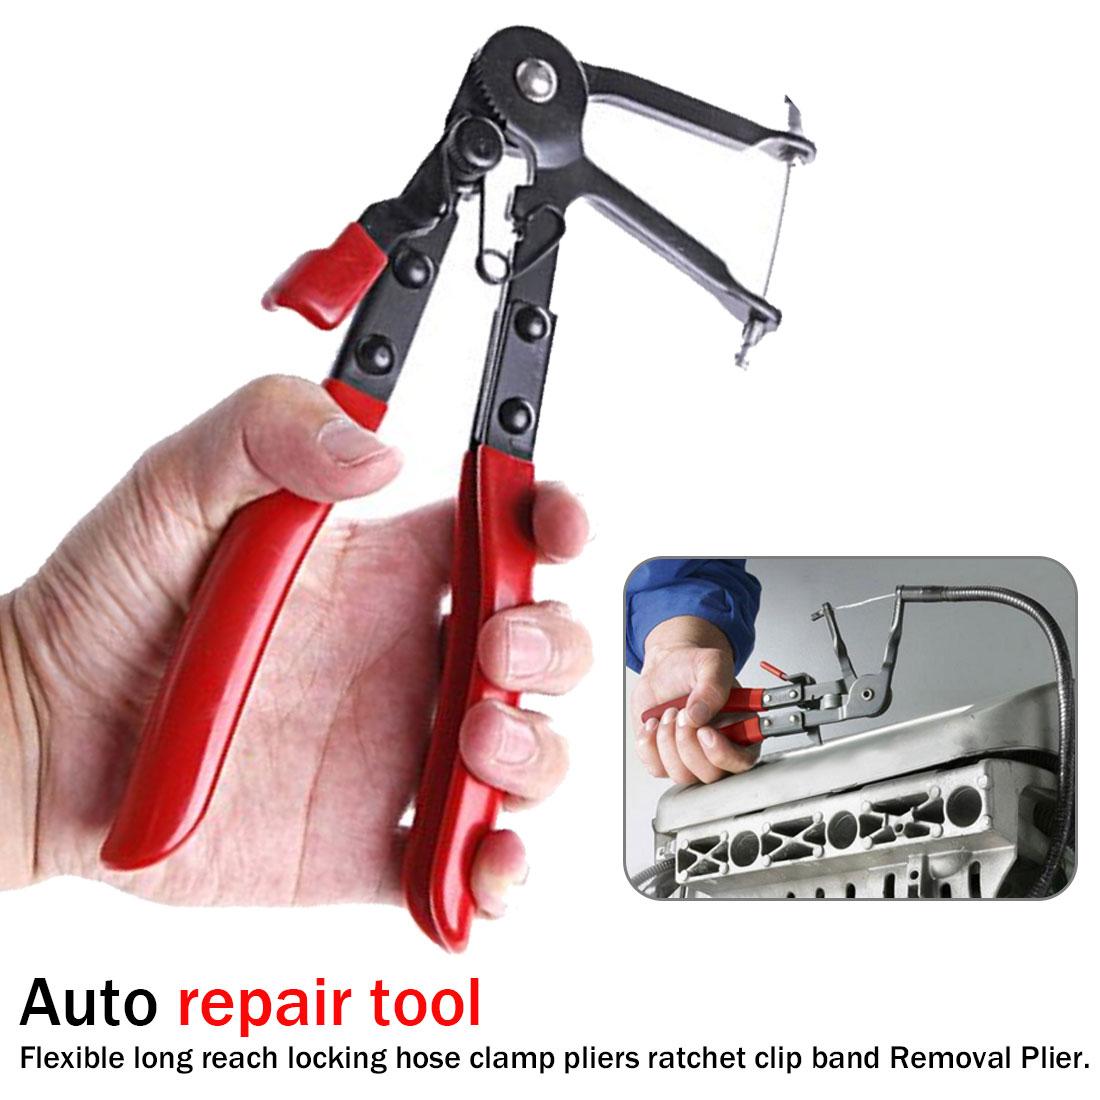 1pcs Auto vehículo herramientas tipo de Cable alambre Flexible de largo alcance de la abrazadera de la manguera Alicates para reparación de la abrazadera de la manguera de herramientas de mano